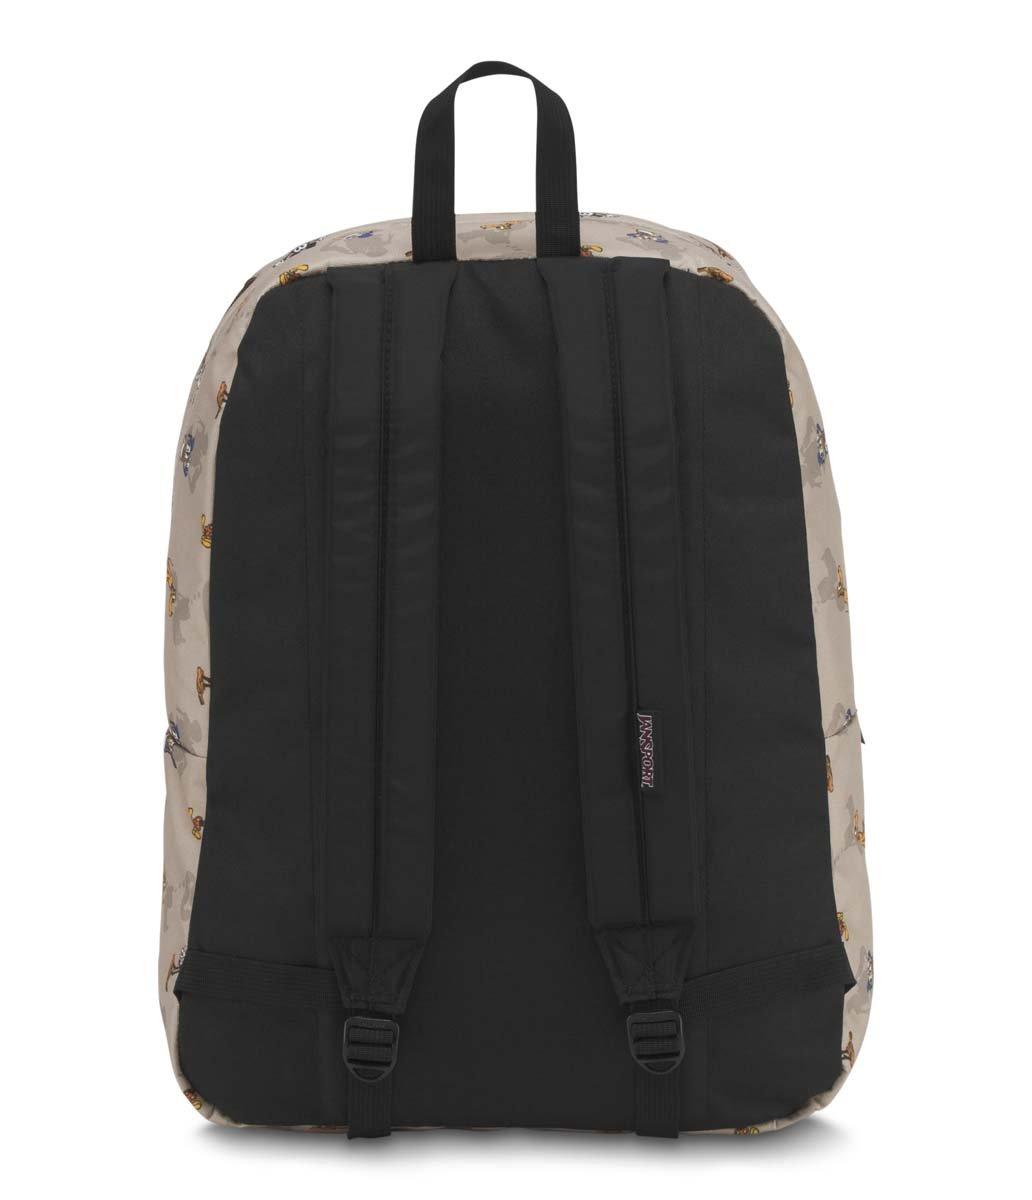 JanSport Disney Superbreak Backpack (Fab Shadow) by JanSport (Image #2)